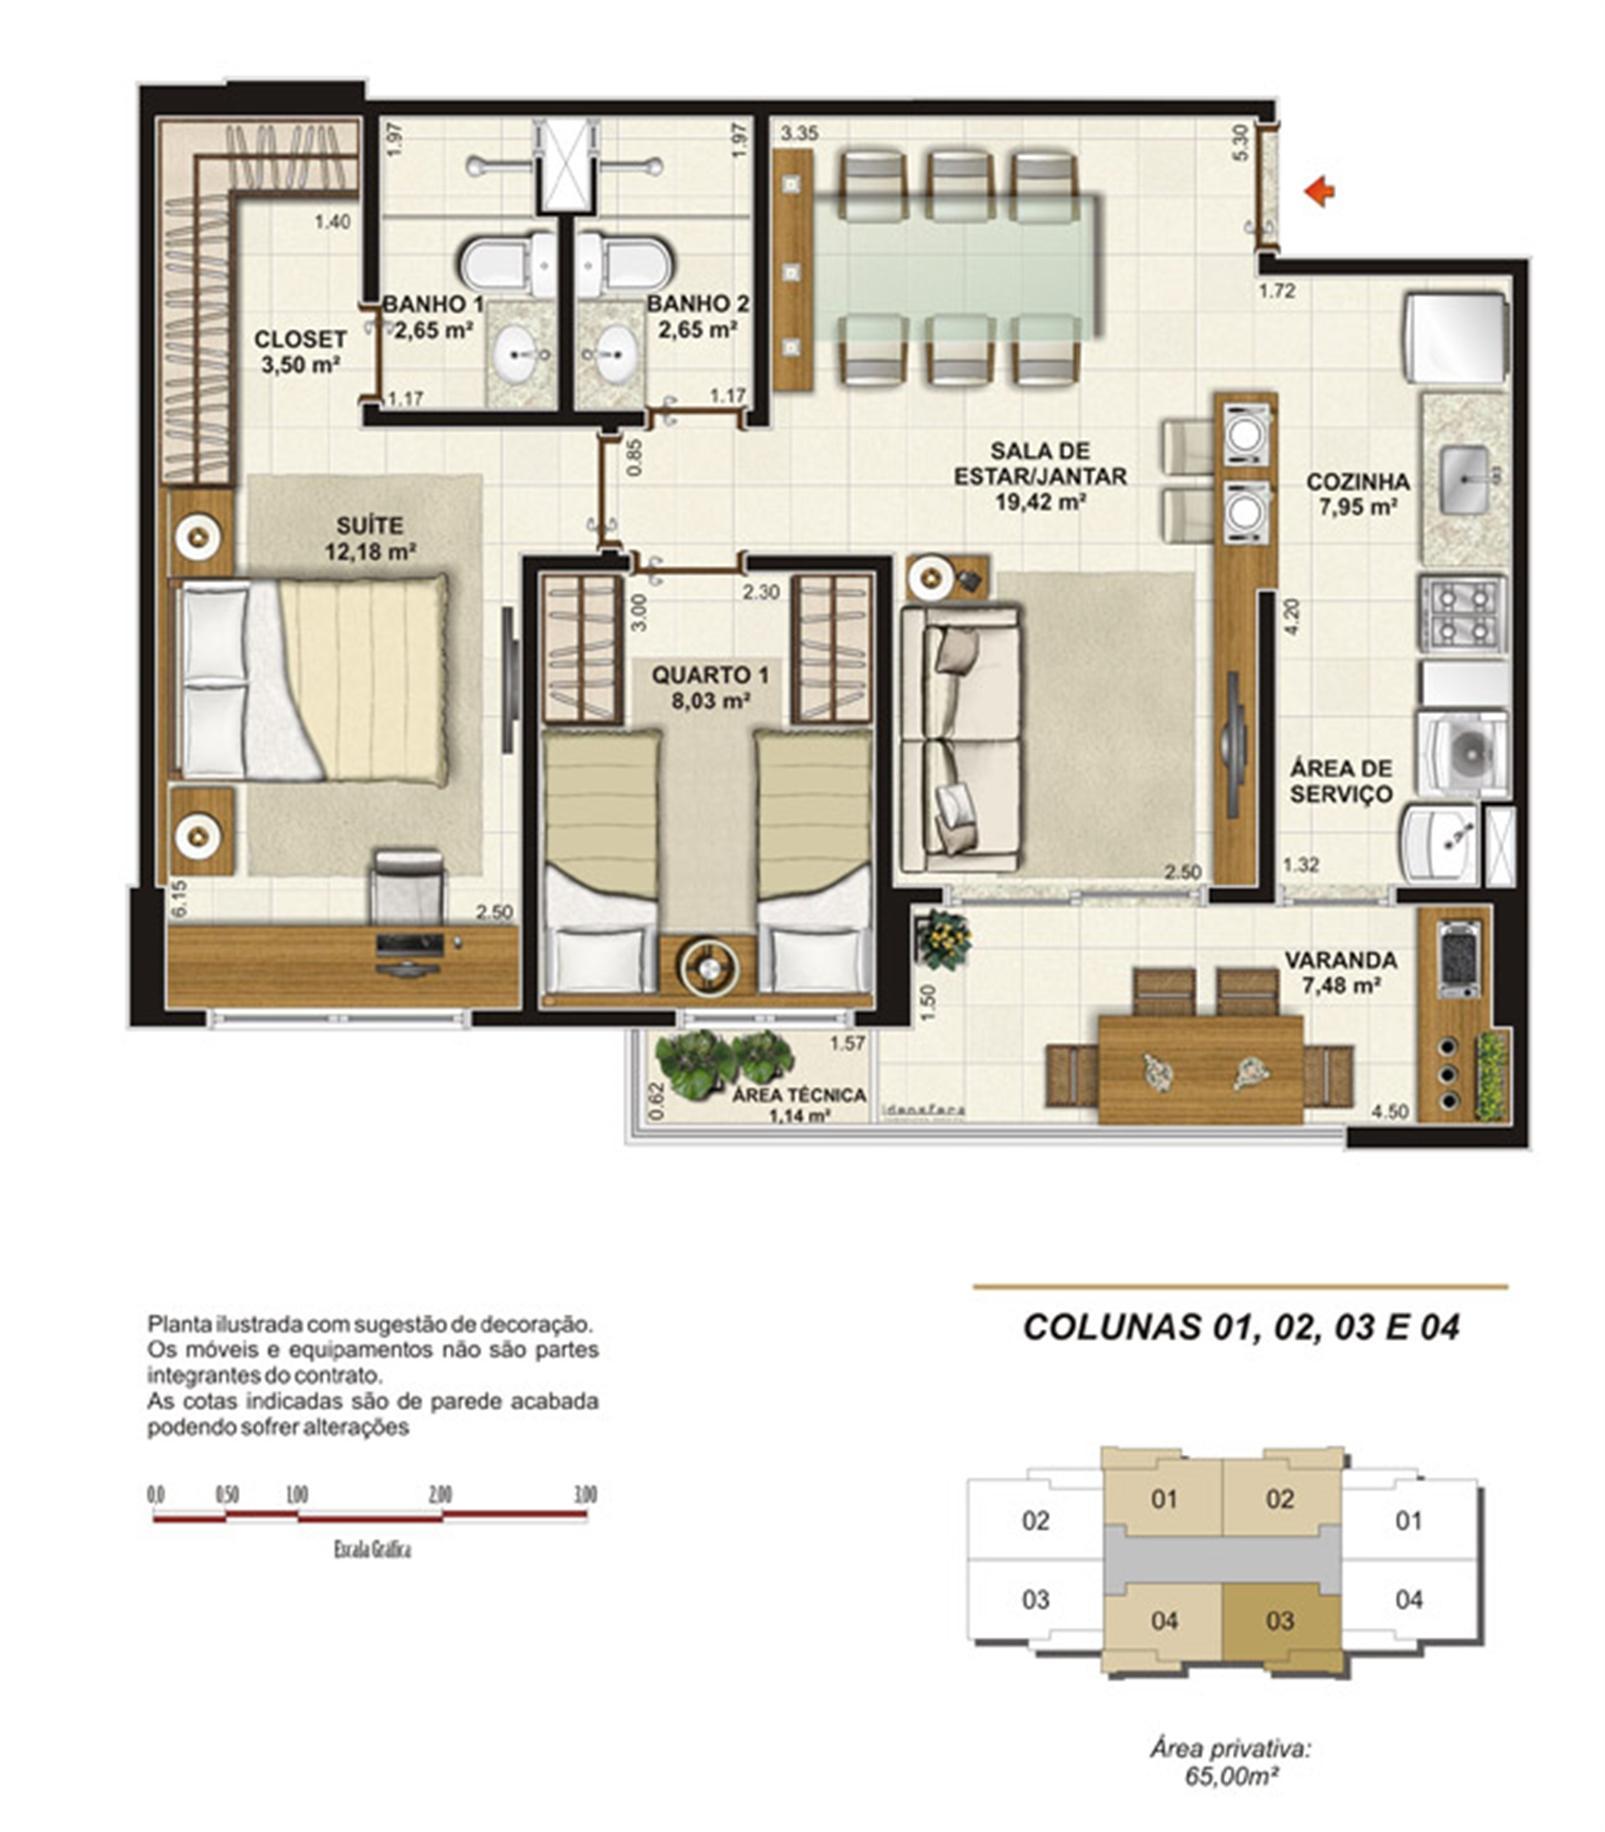 Planta tipo 2 quartos (1 suíte e varangda gourmet) 65 m² | Jardim de Toscana – Apartamentoem  Altos do Calhau - São Luís - Maranhão